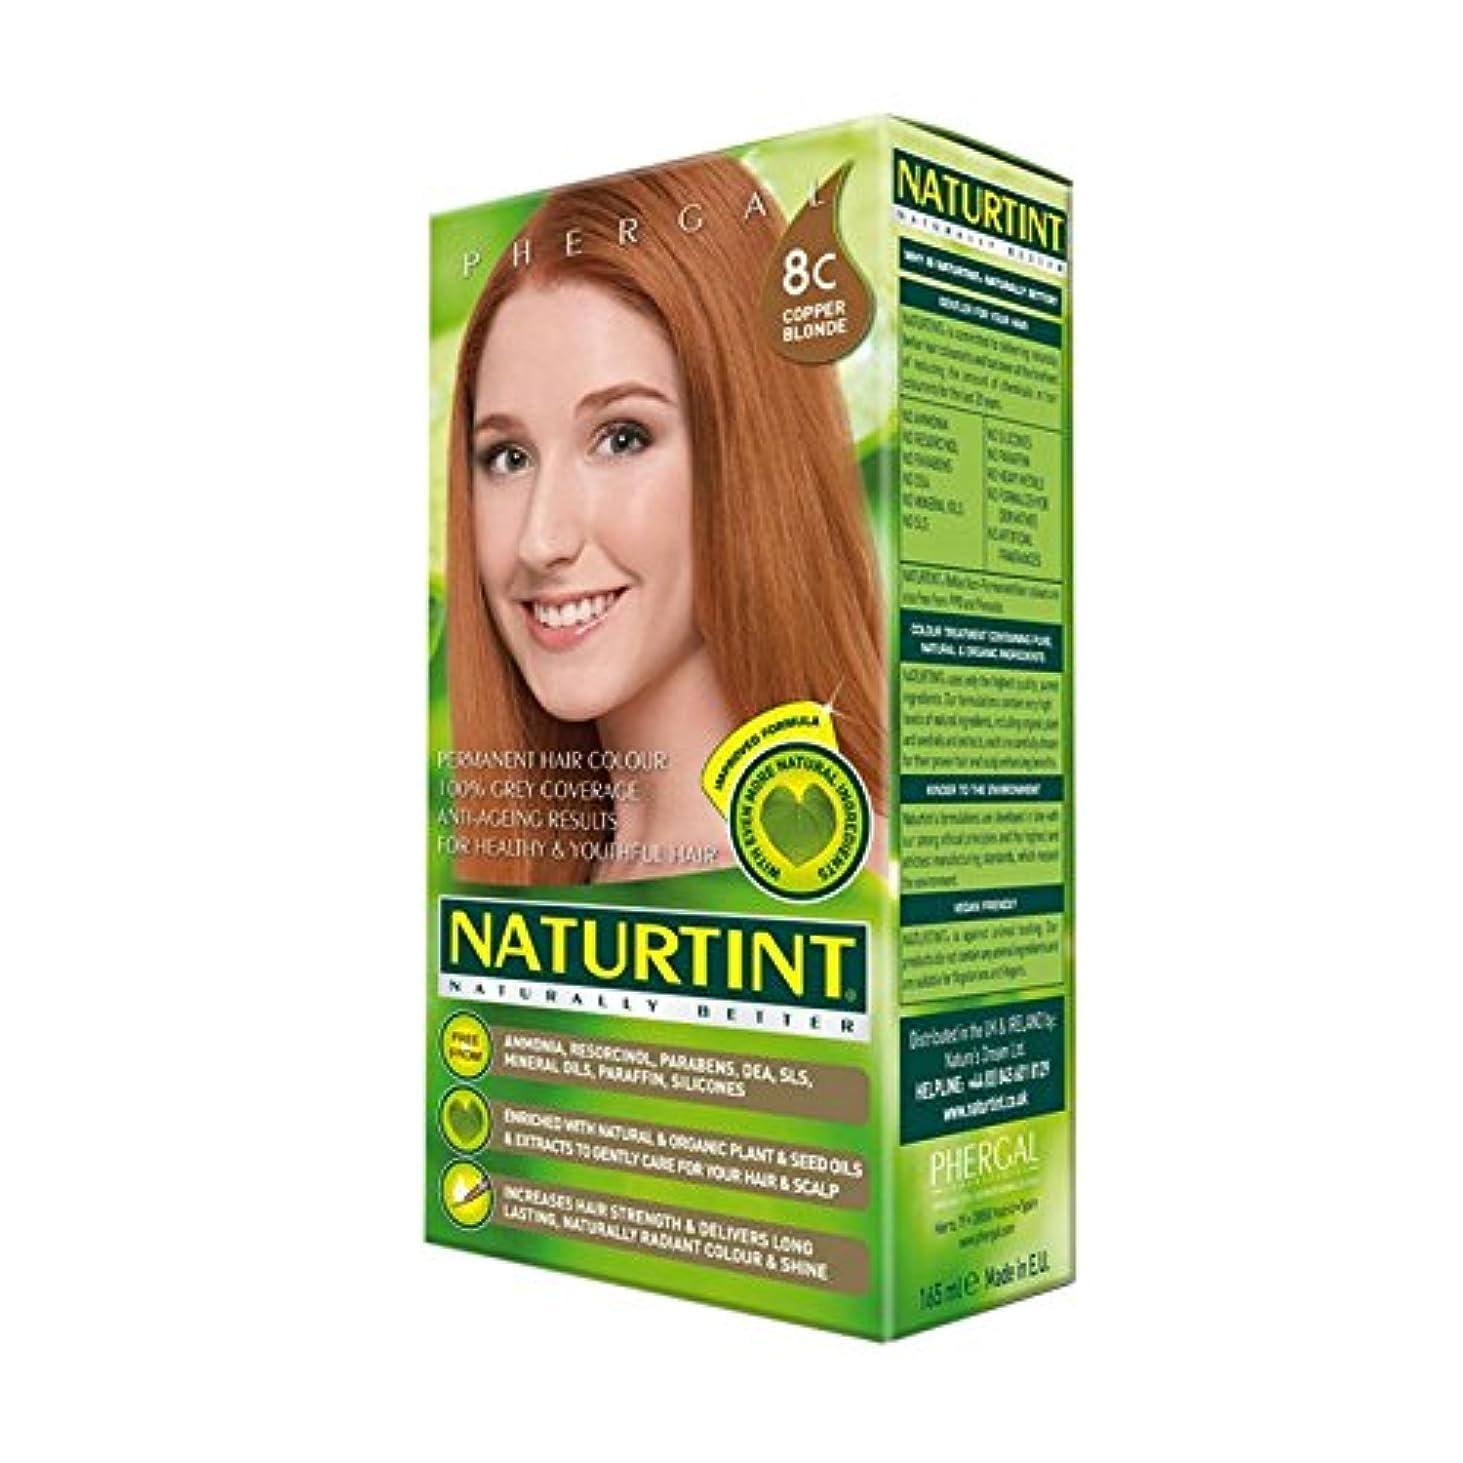 ゴールデンメリーフォーマルNaturtint Hair Colour 8C Copper Blonde (Pack of 6) - Naturtint髪色8Cは銅ブロンド (x6) [並行輸入品]